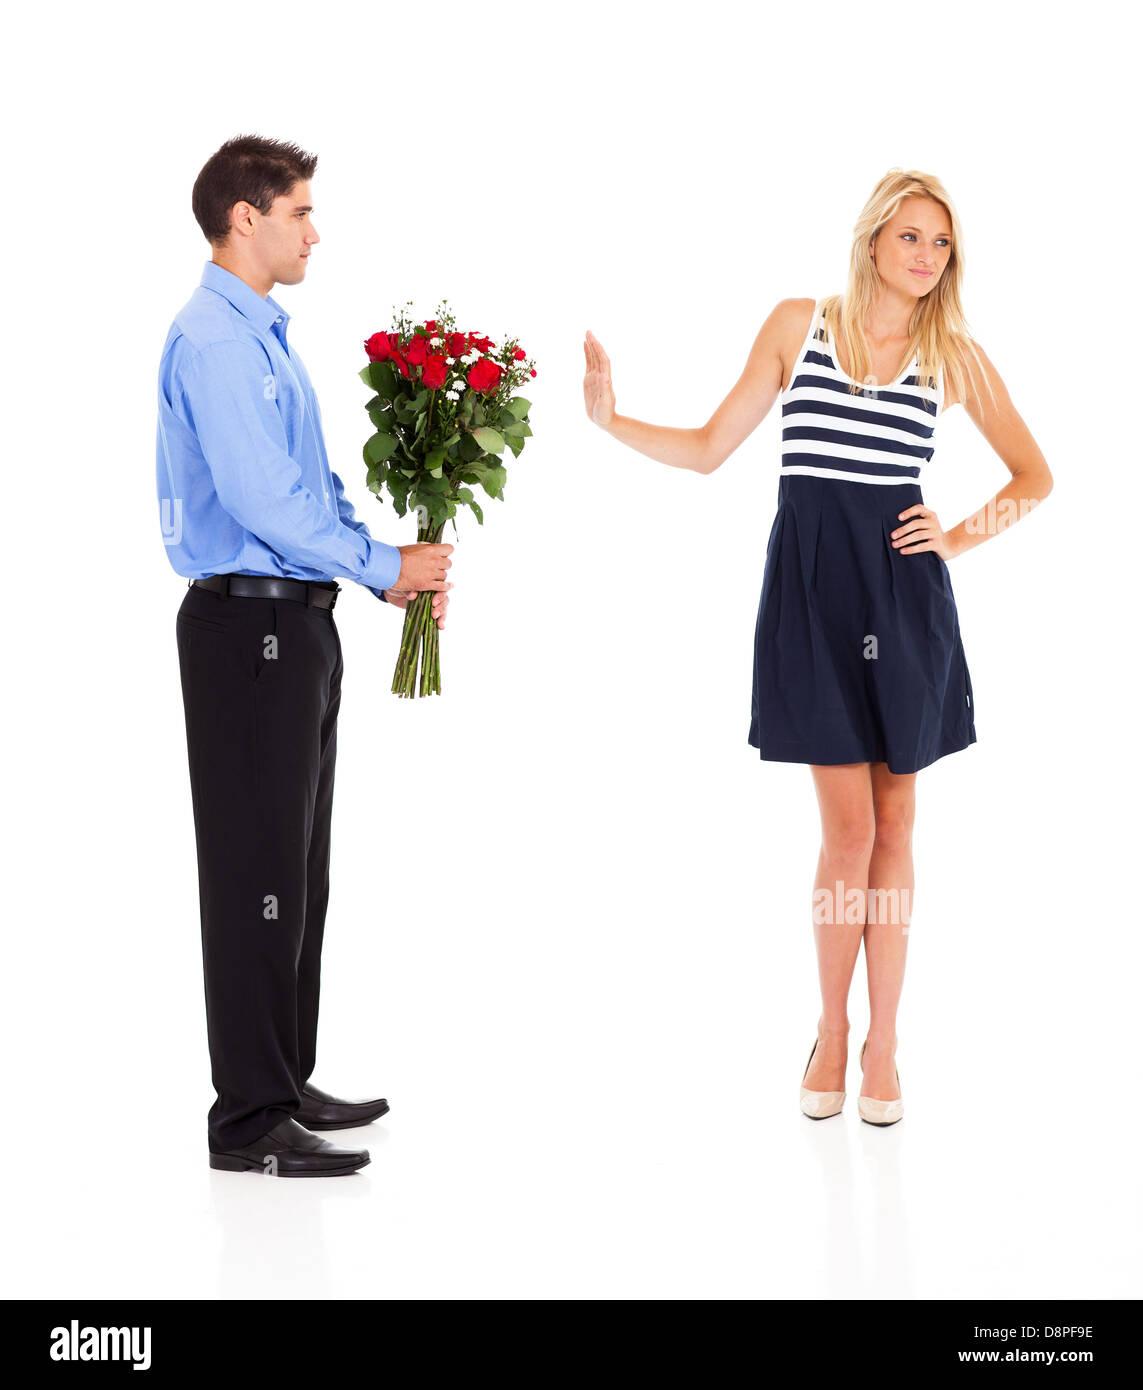 Jeune homme été rejeté par une jeune femme le jour de la Saint-Valentin Photo Stock